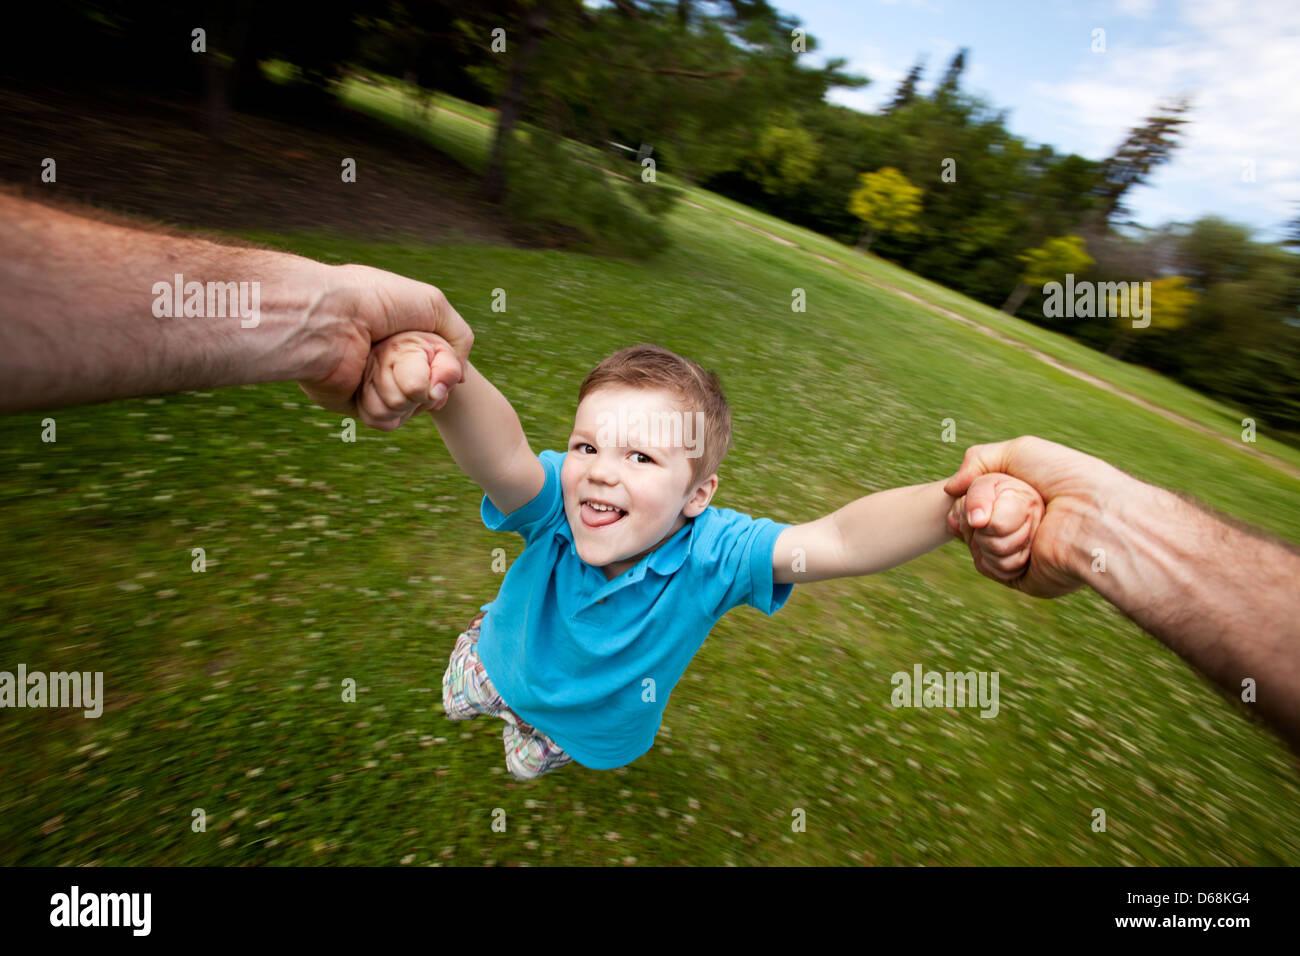 Vater Spinning Sohn draußen im Park Stockbild